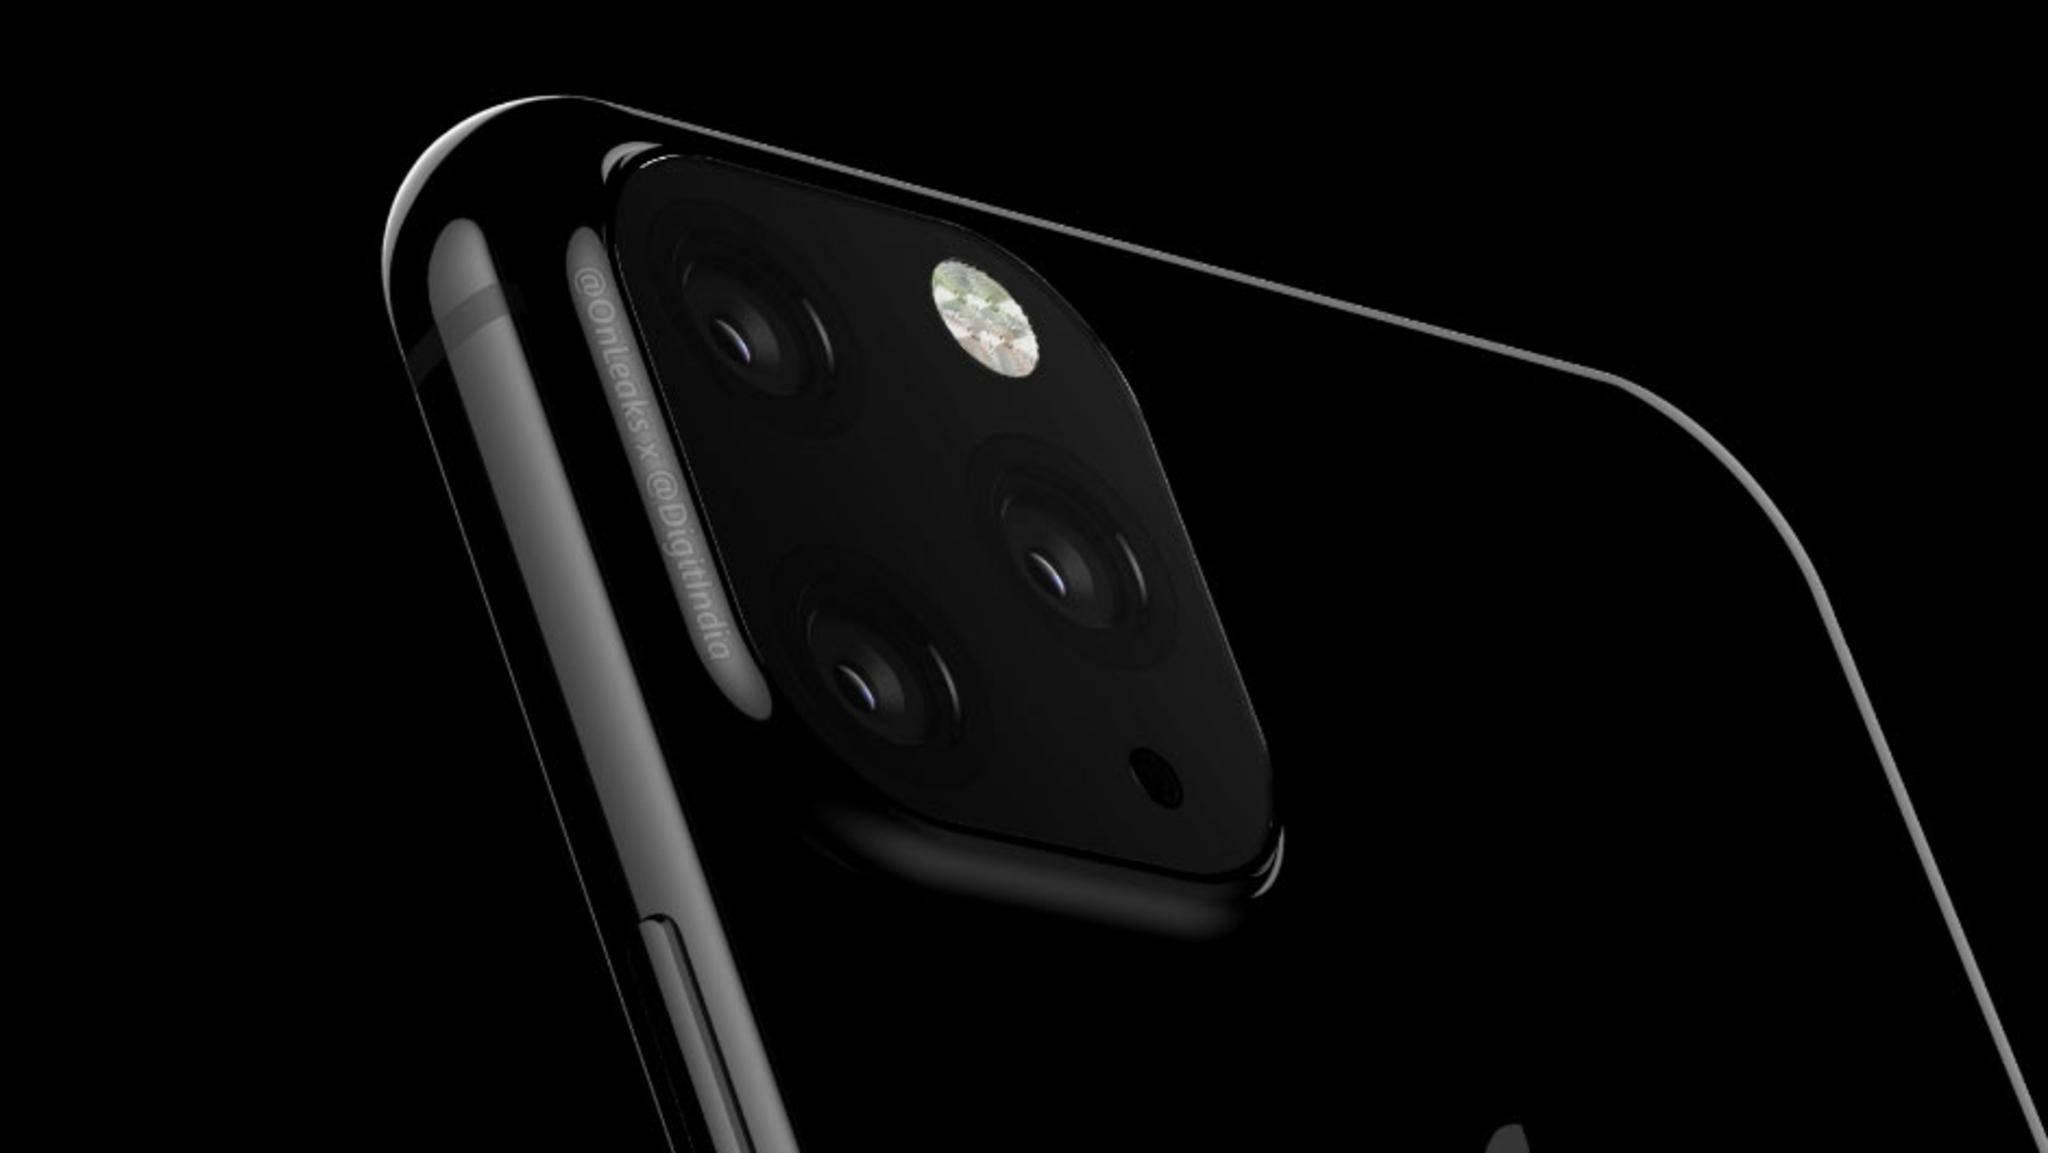 Der neue Leak deckt sich mit den Bildern, die das iPhone XI mit versetzten Kameras zeigen.